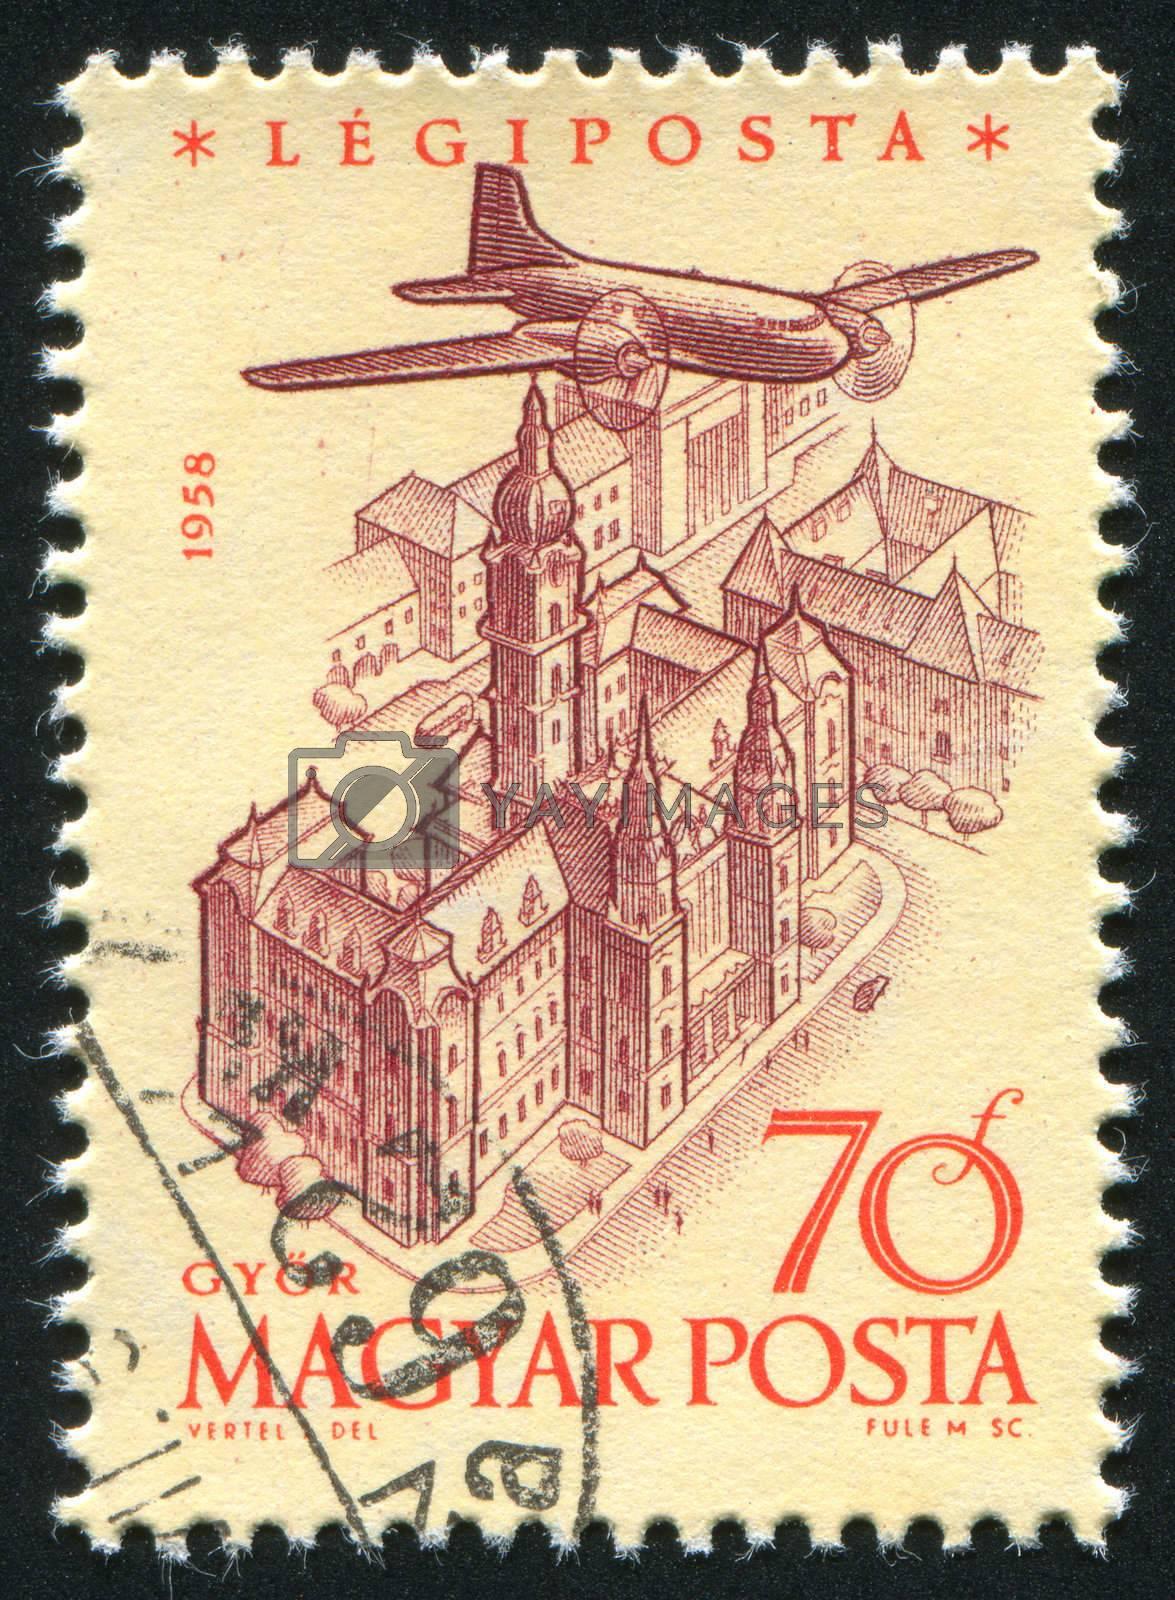 HUNGARY - CIRCA 1958: stamp printed by Hungary, shows Plane over Gyor, circa 1958